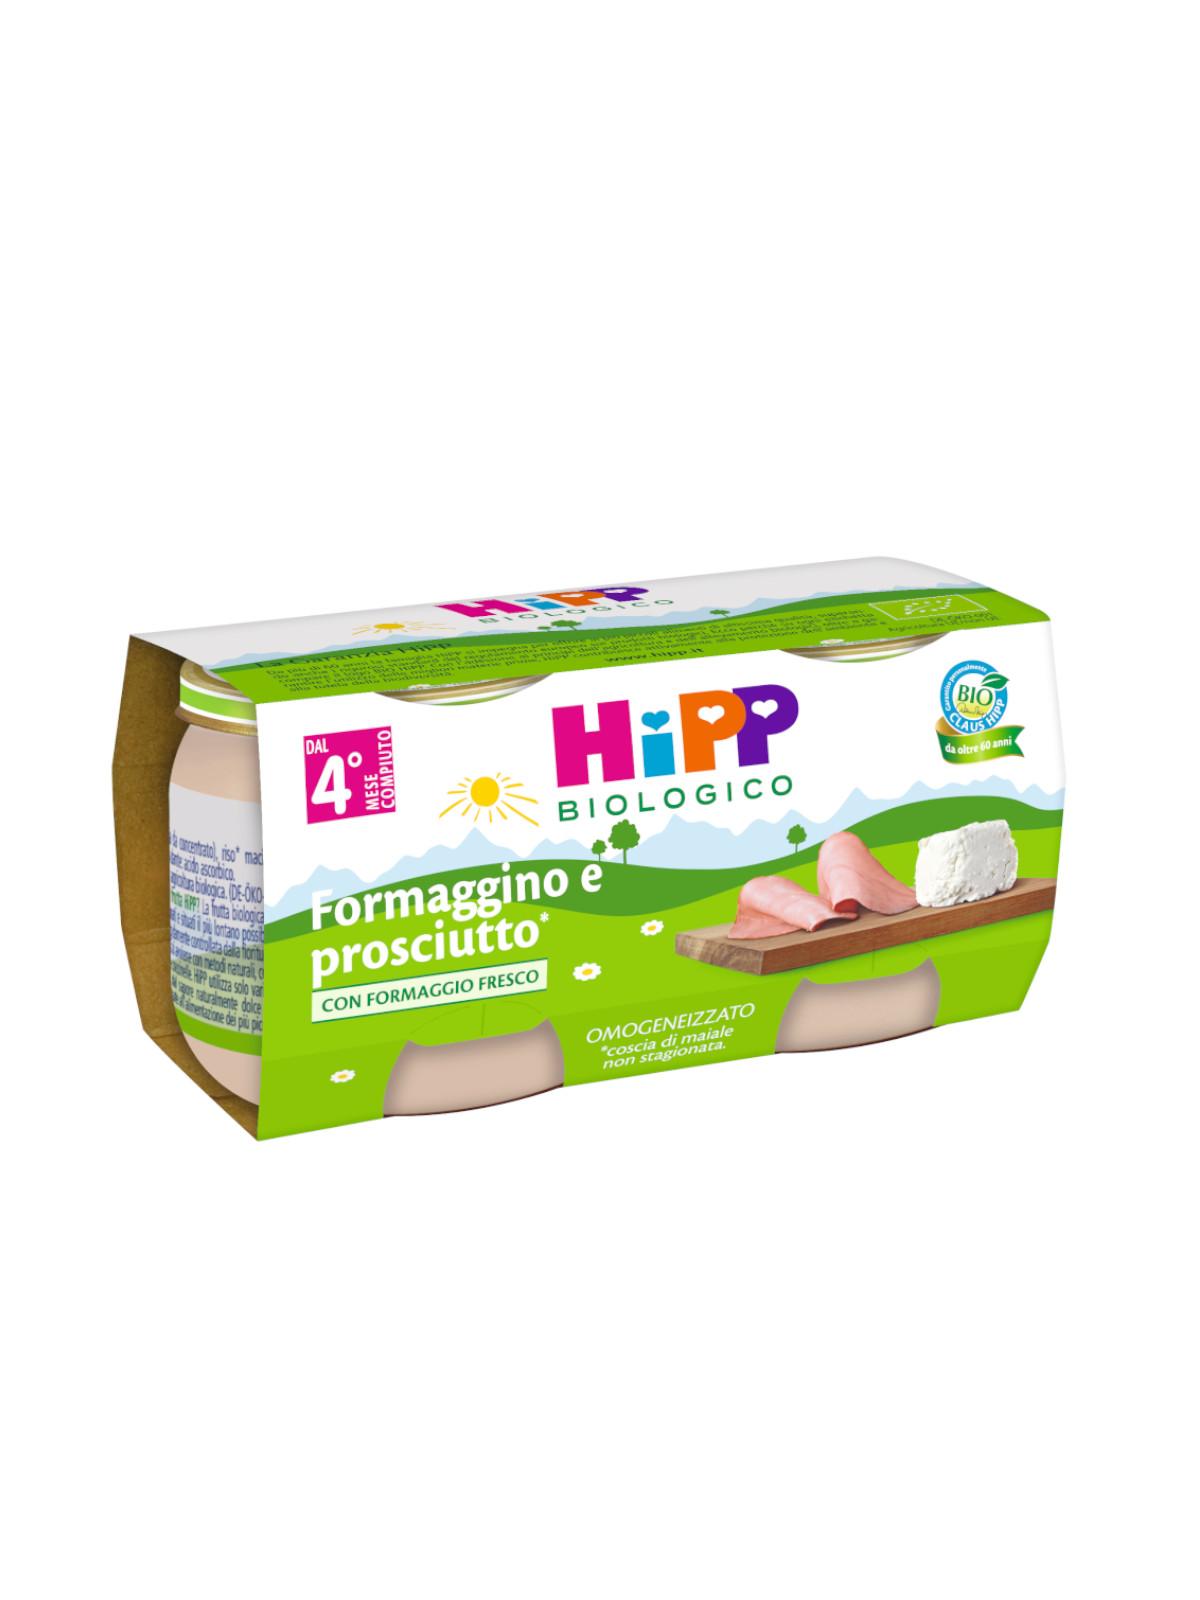 Omogeneizzato formaggino e prosciutto 2x80g - Hipp